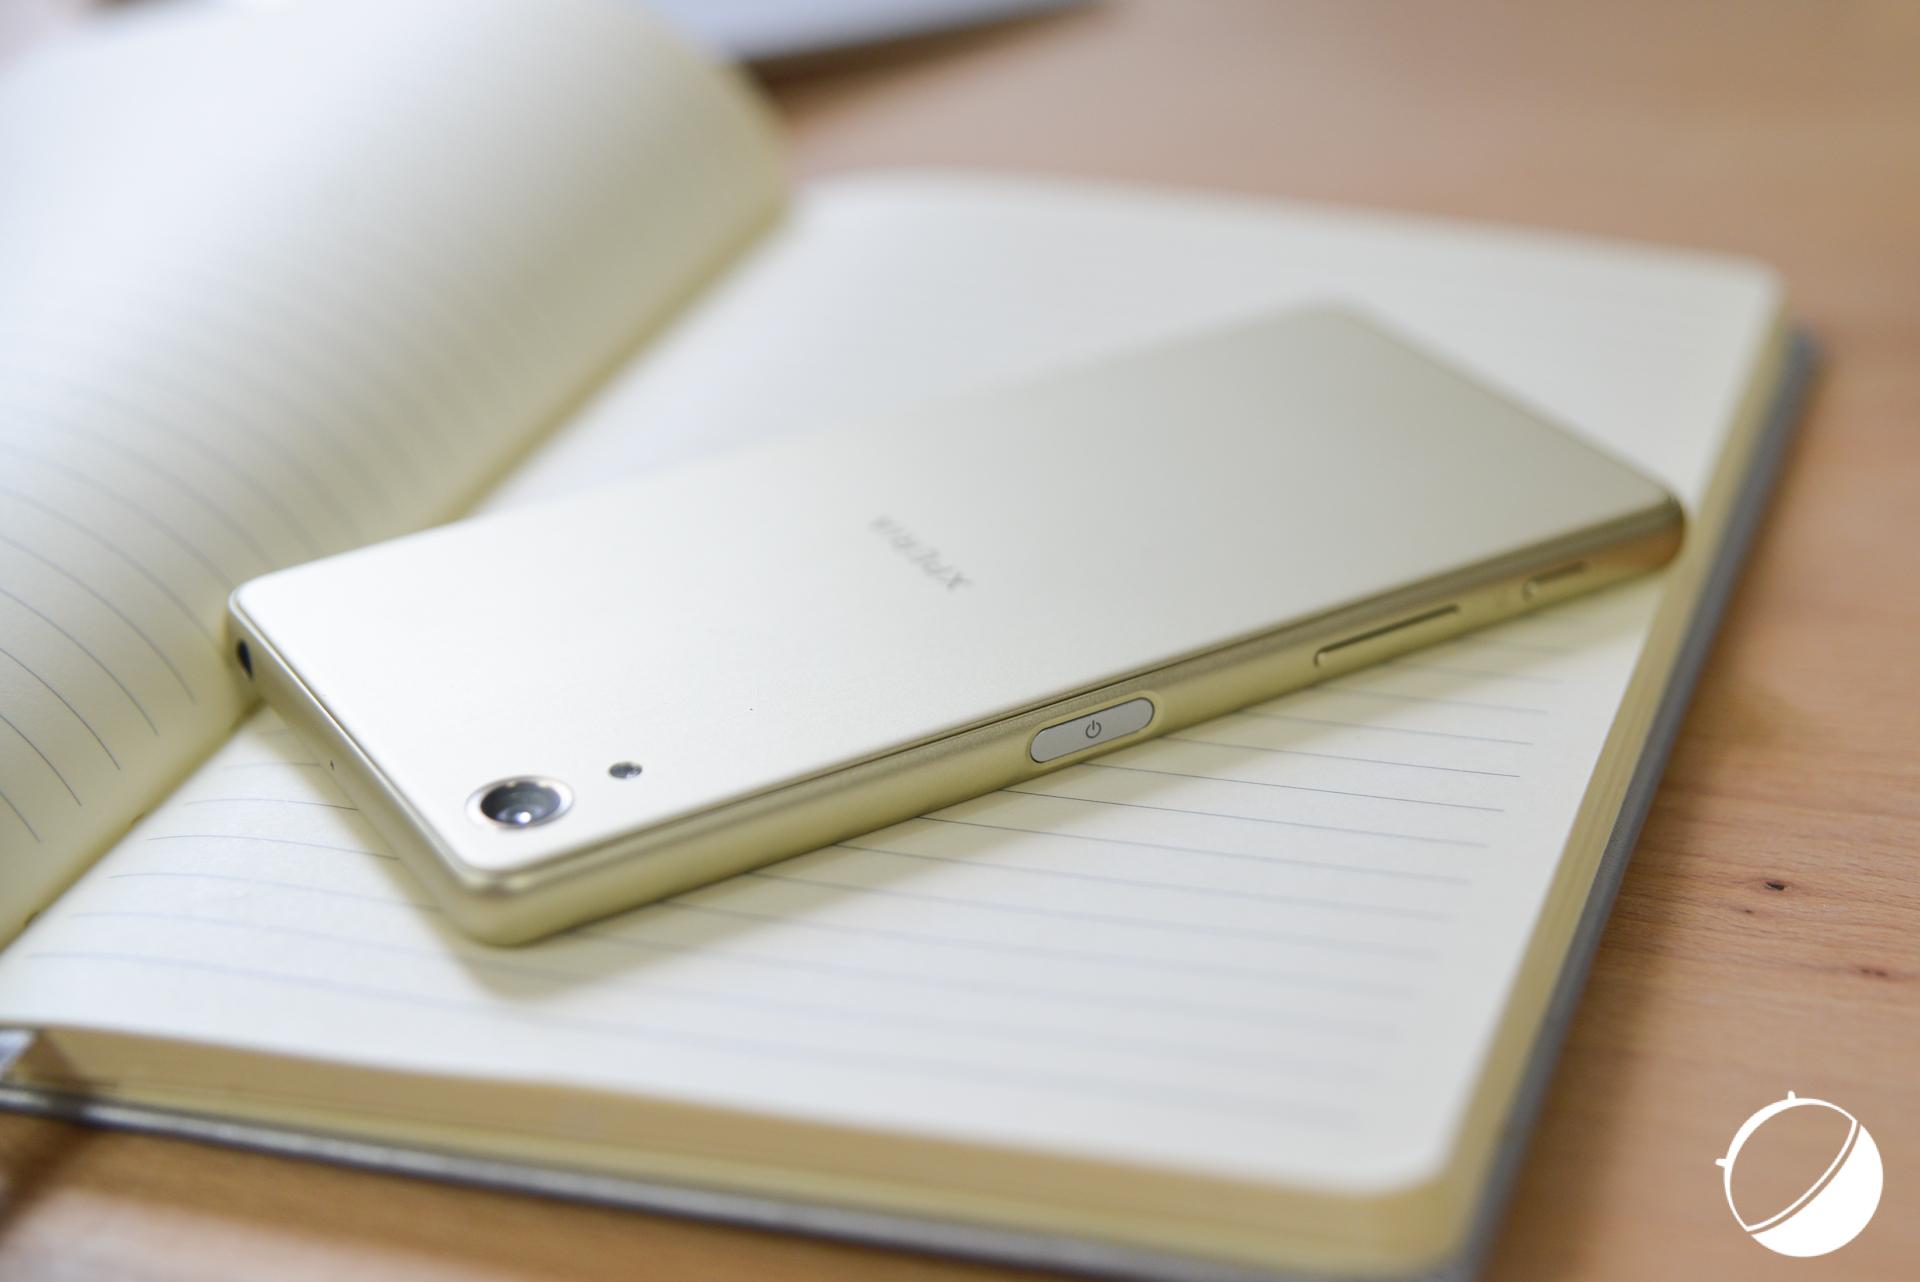 Sony Xperia : comment démarrer en mode sans-échec ? – Tutoriel